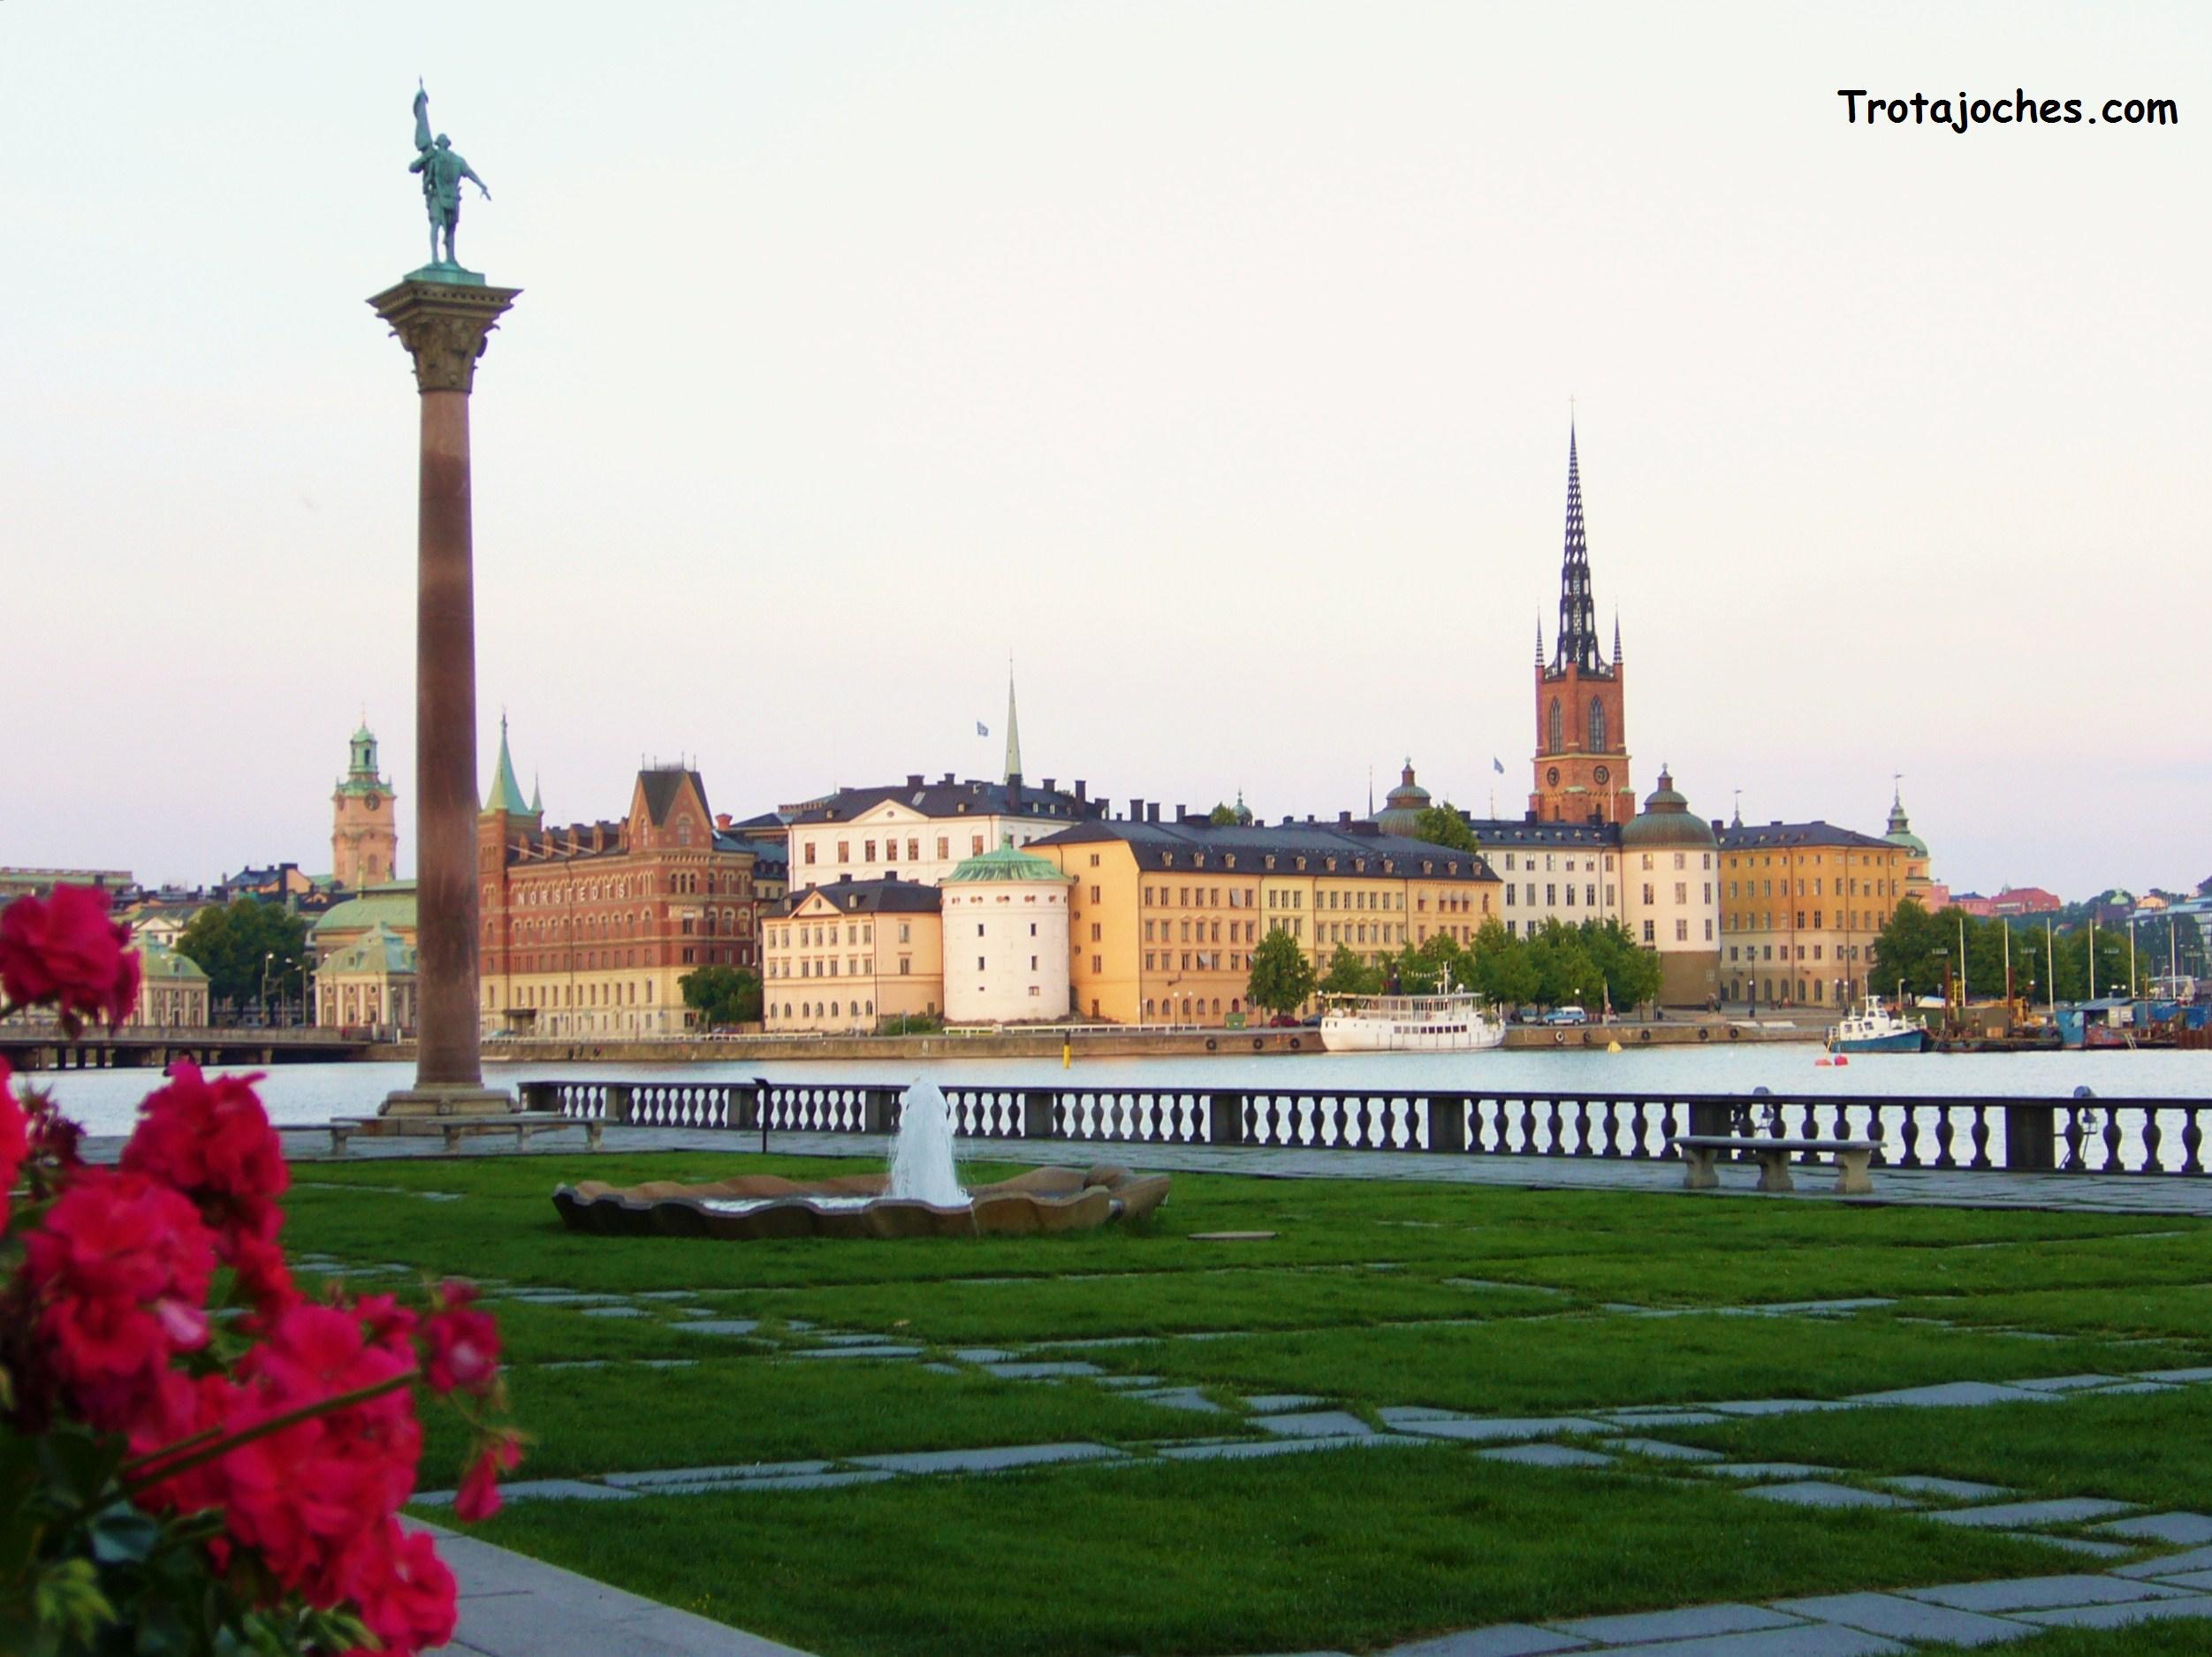 La ciudad de Estocolmo vista desde uno de sus jardines